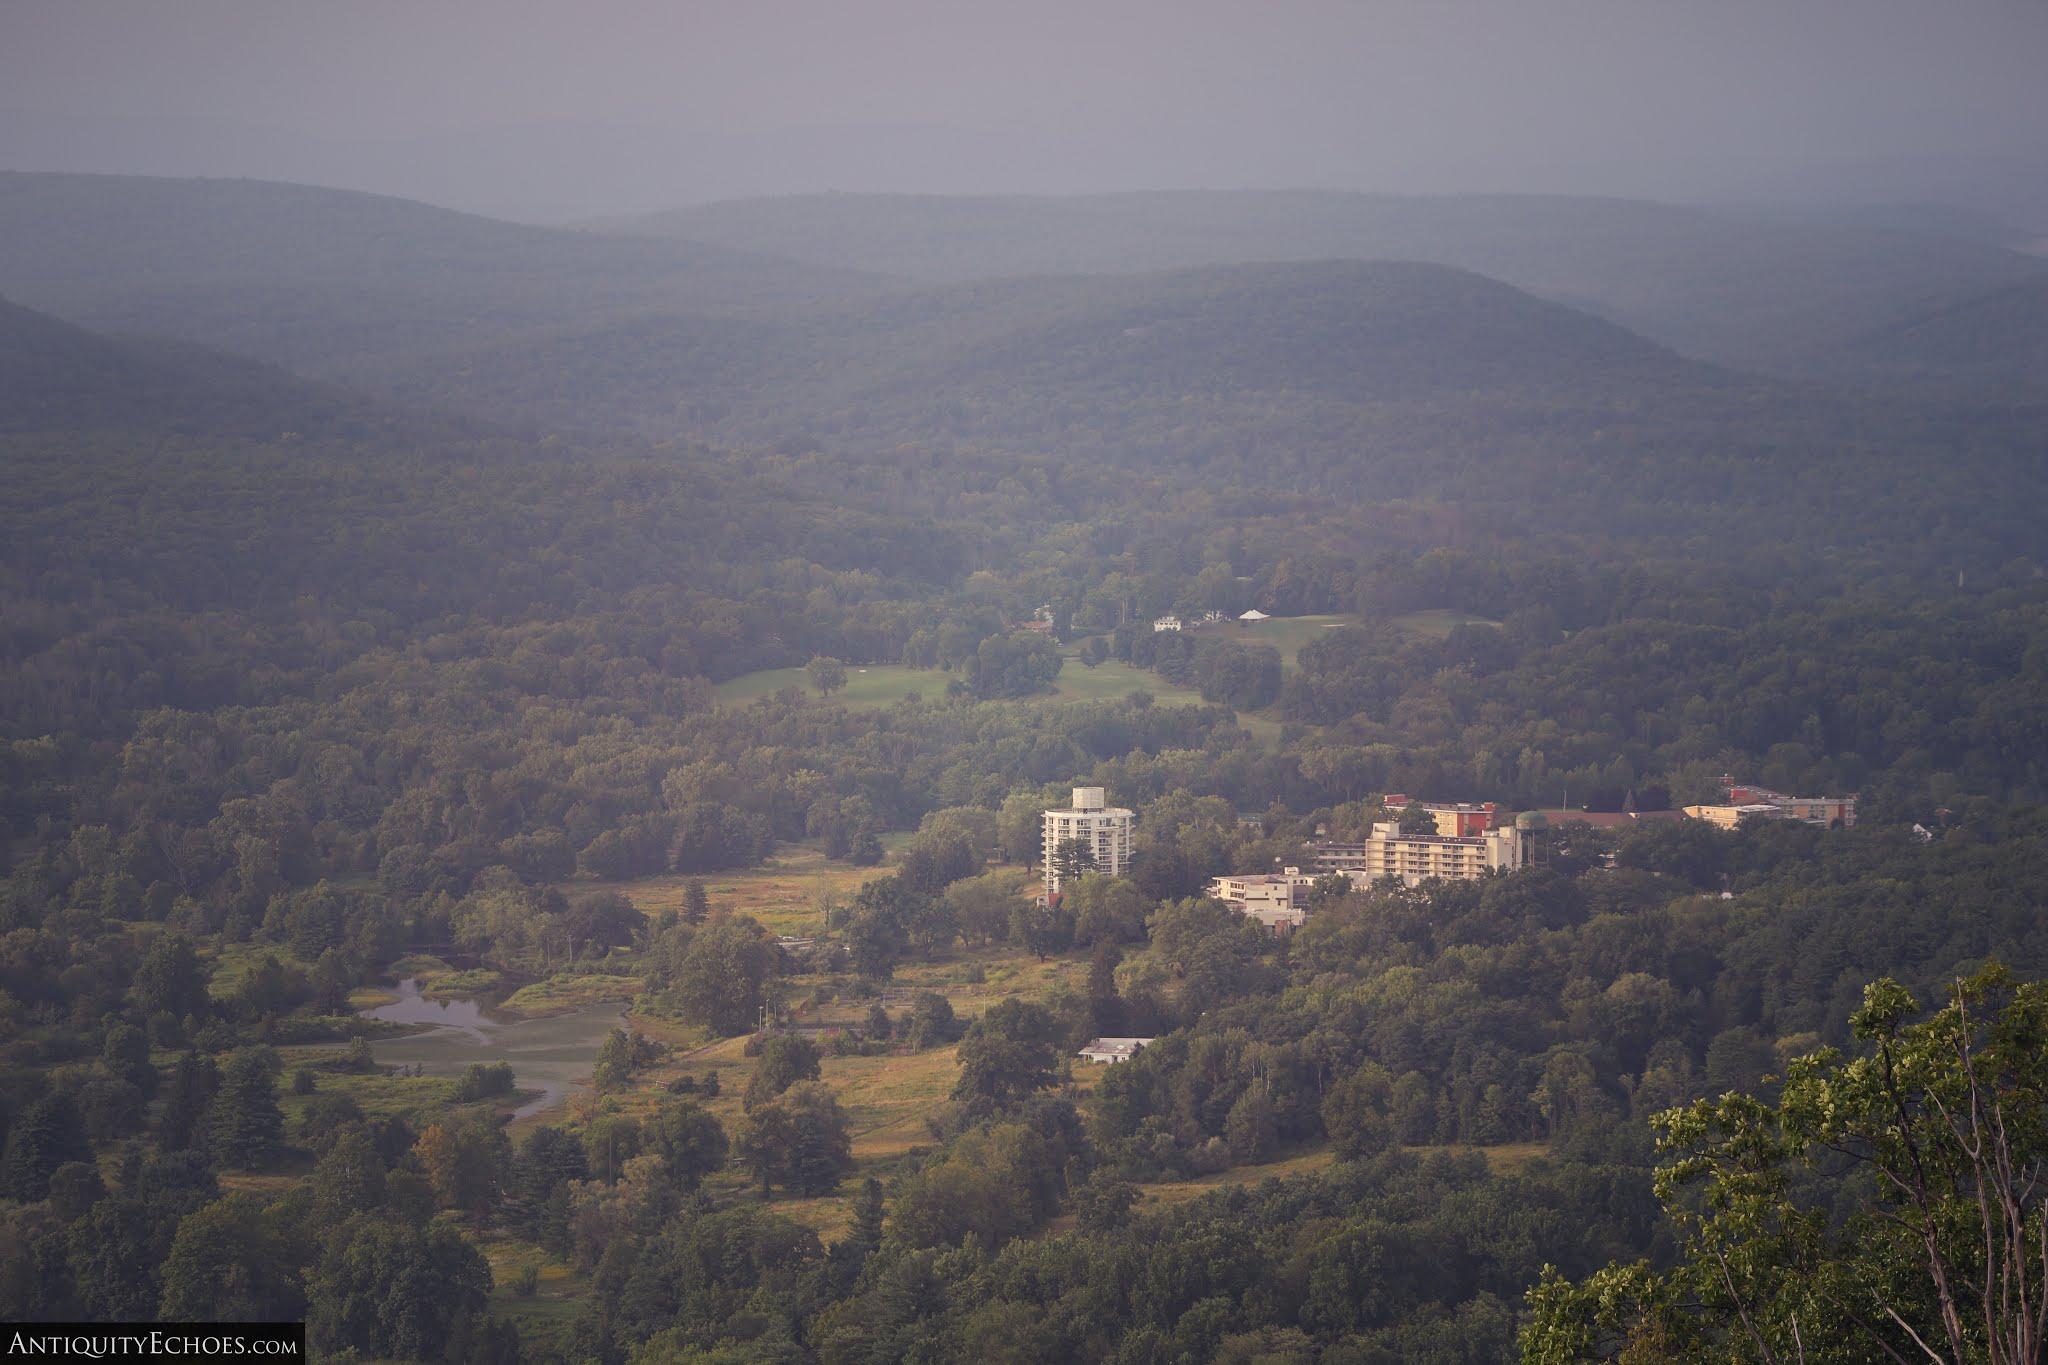 Nevele Grande - Nestled in the Valley